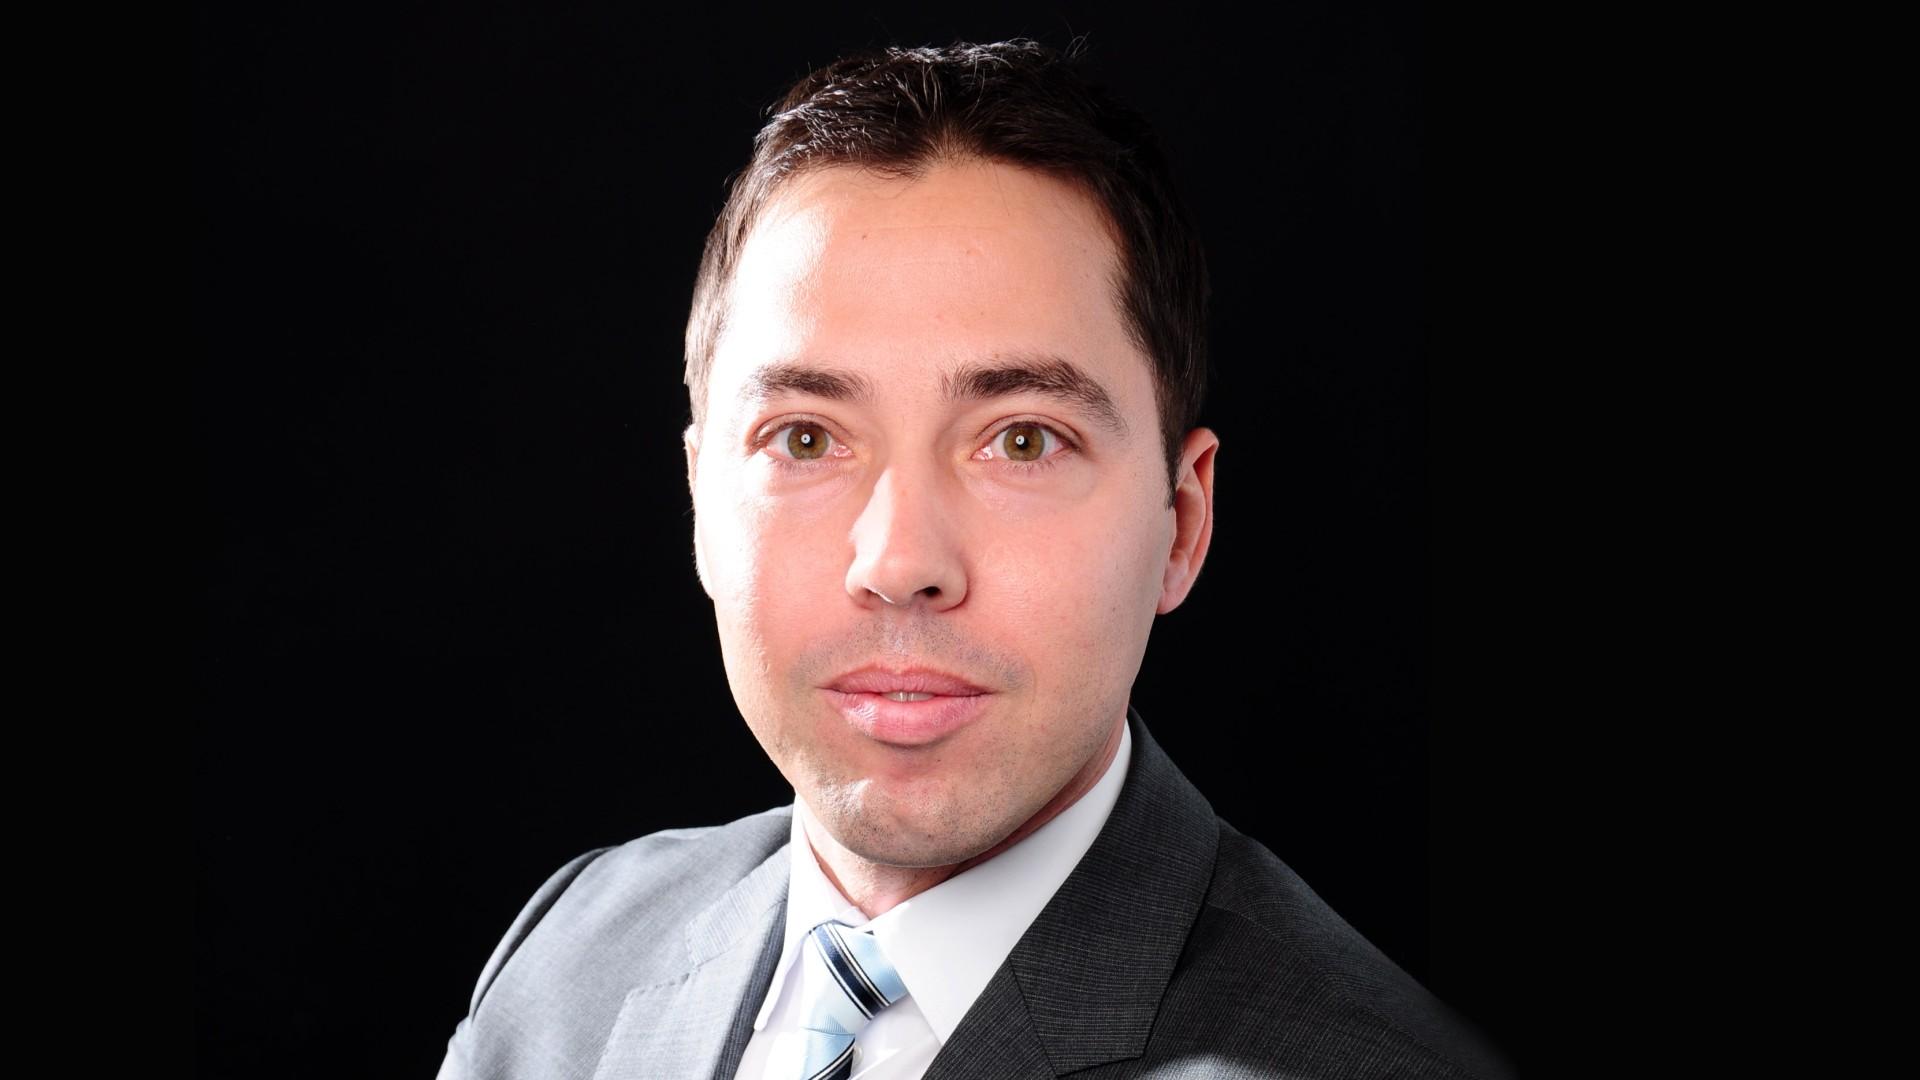 Ronny Bruch, Vice President Aftermarket, SEG Automotive